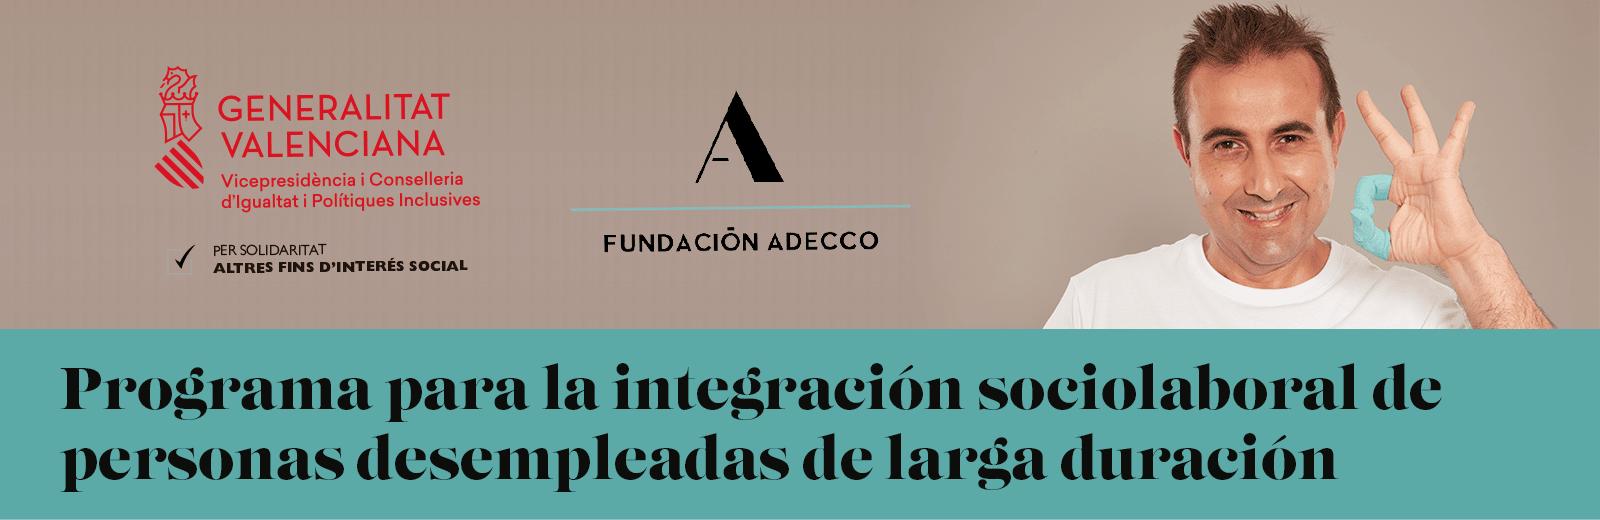 Programa inclusión sociolaboral personas desempleadas de larga duración